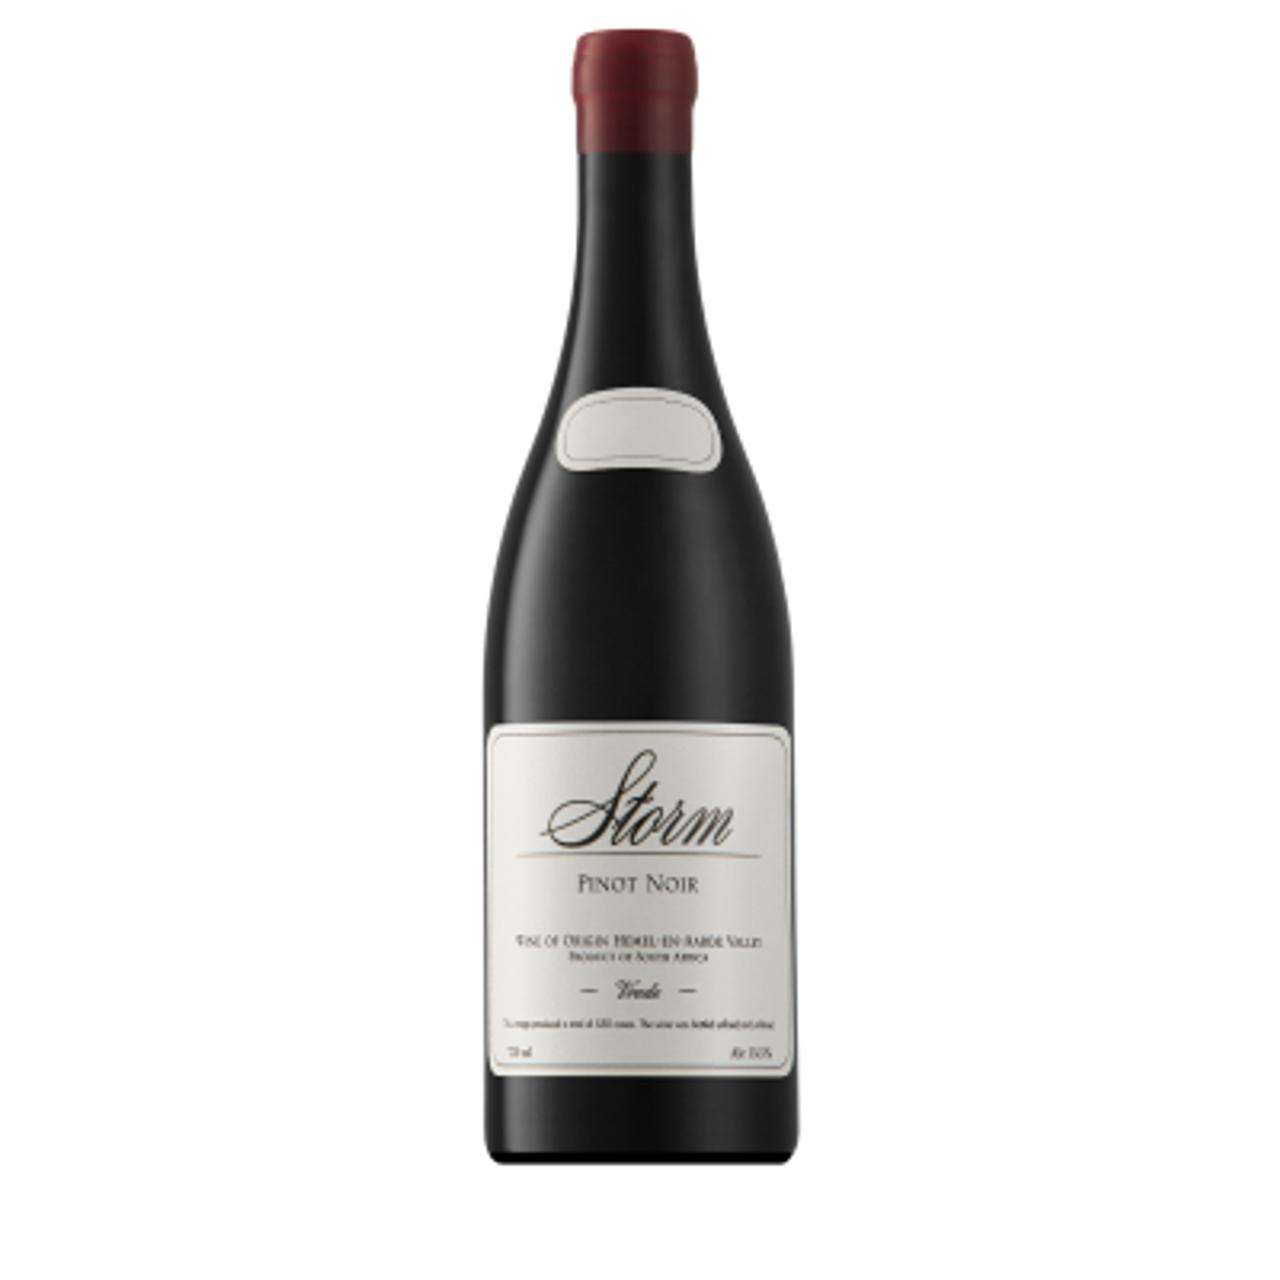 Hemel-en-Aarde Valley Pinot Noir